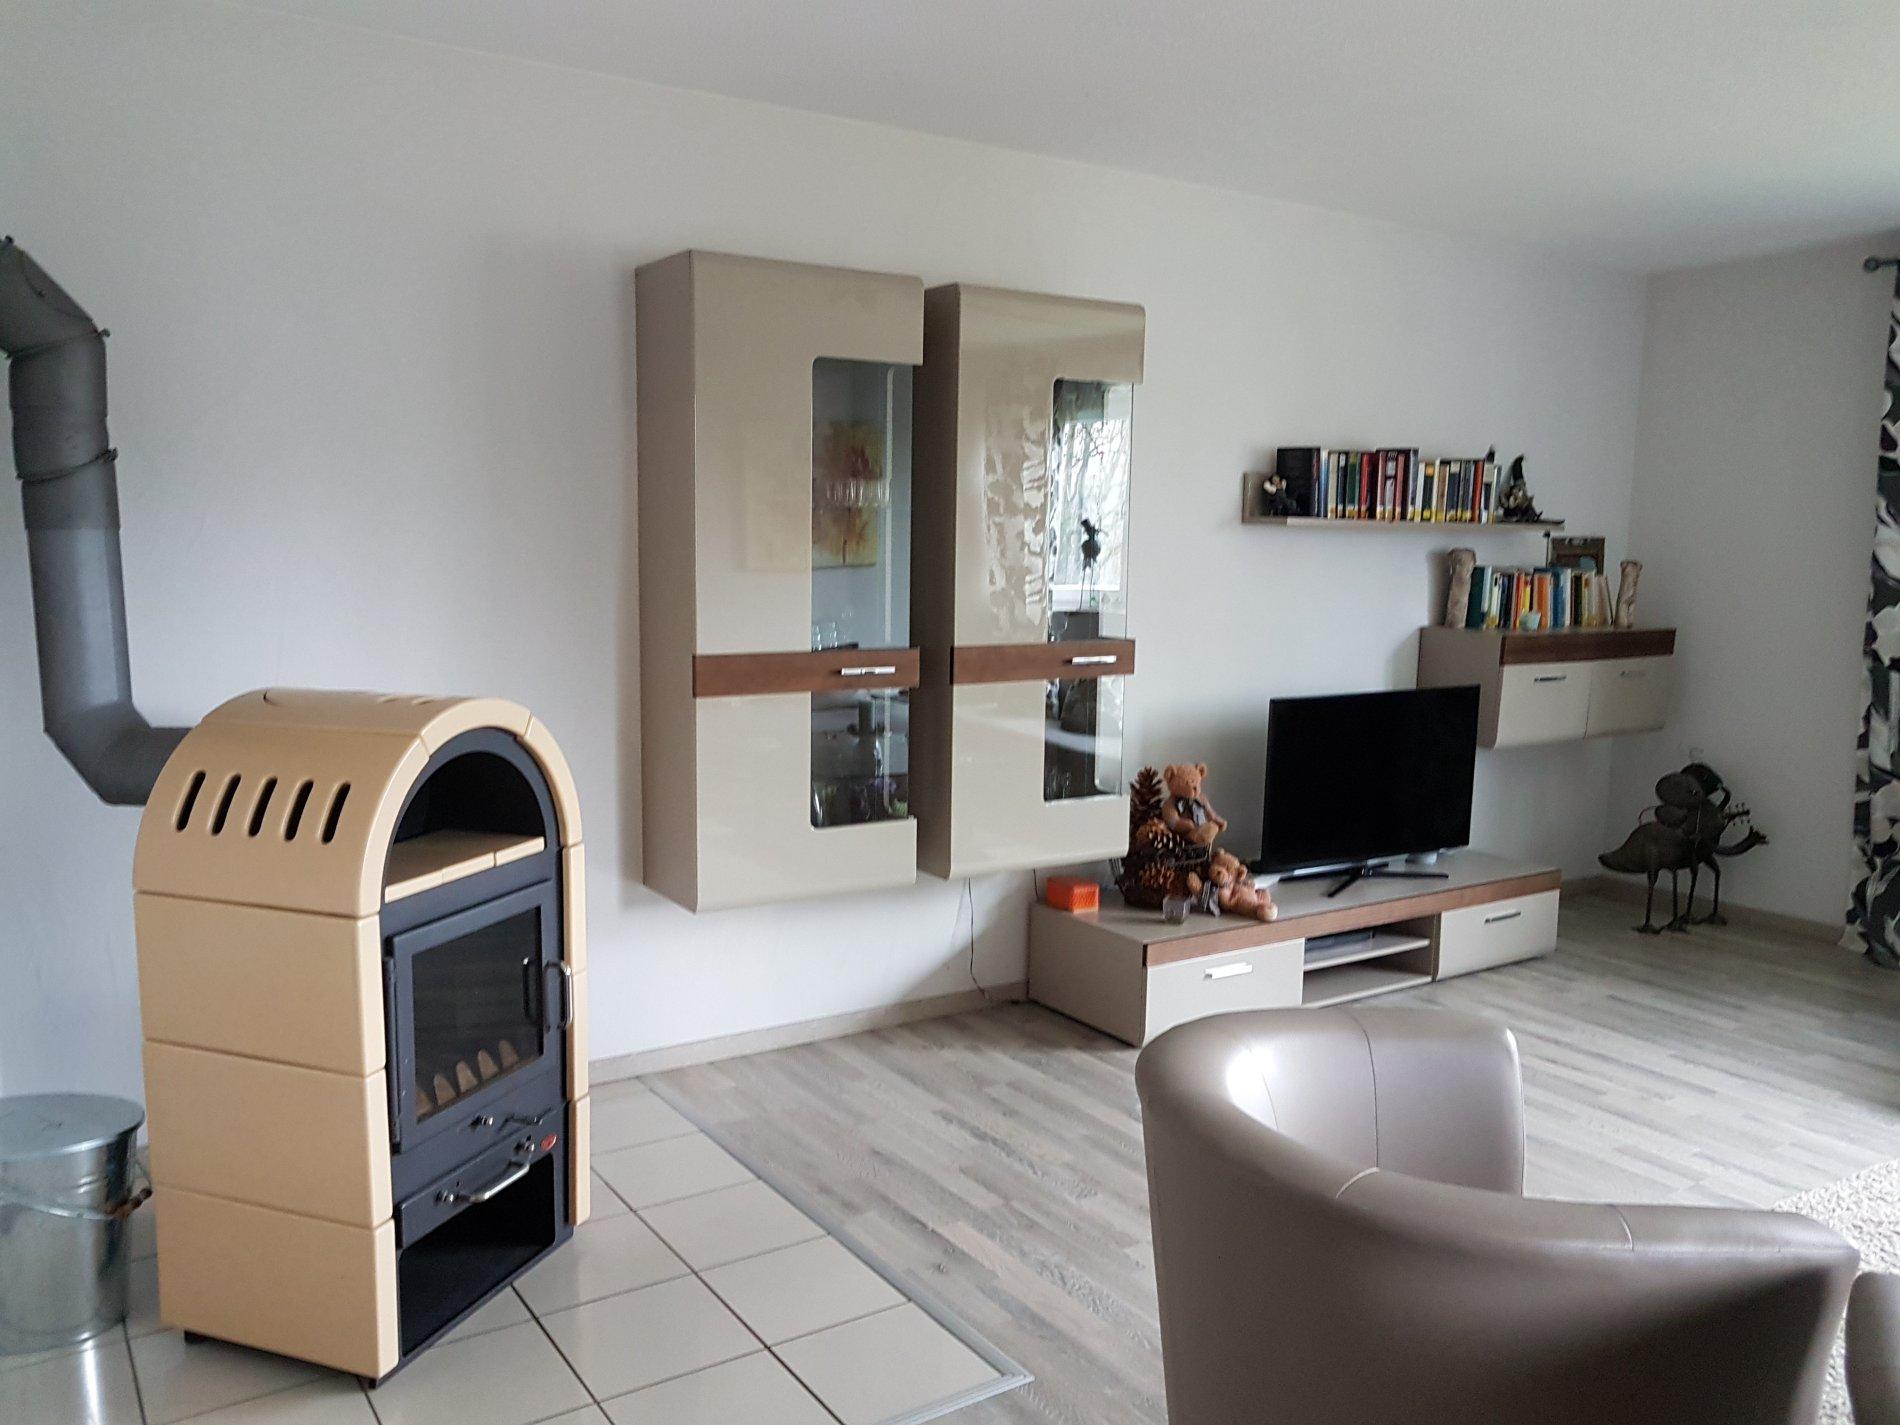 Wohnzimmer mit Kamin, Sessel, Fernseher und Wohnwnad